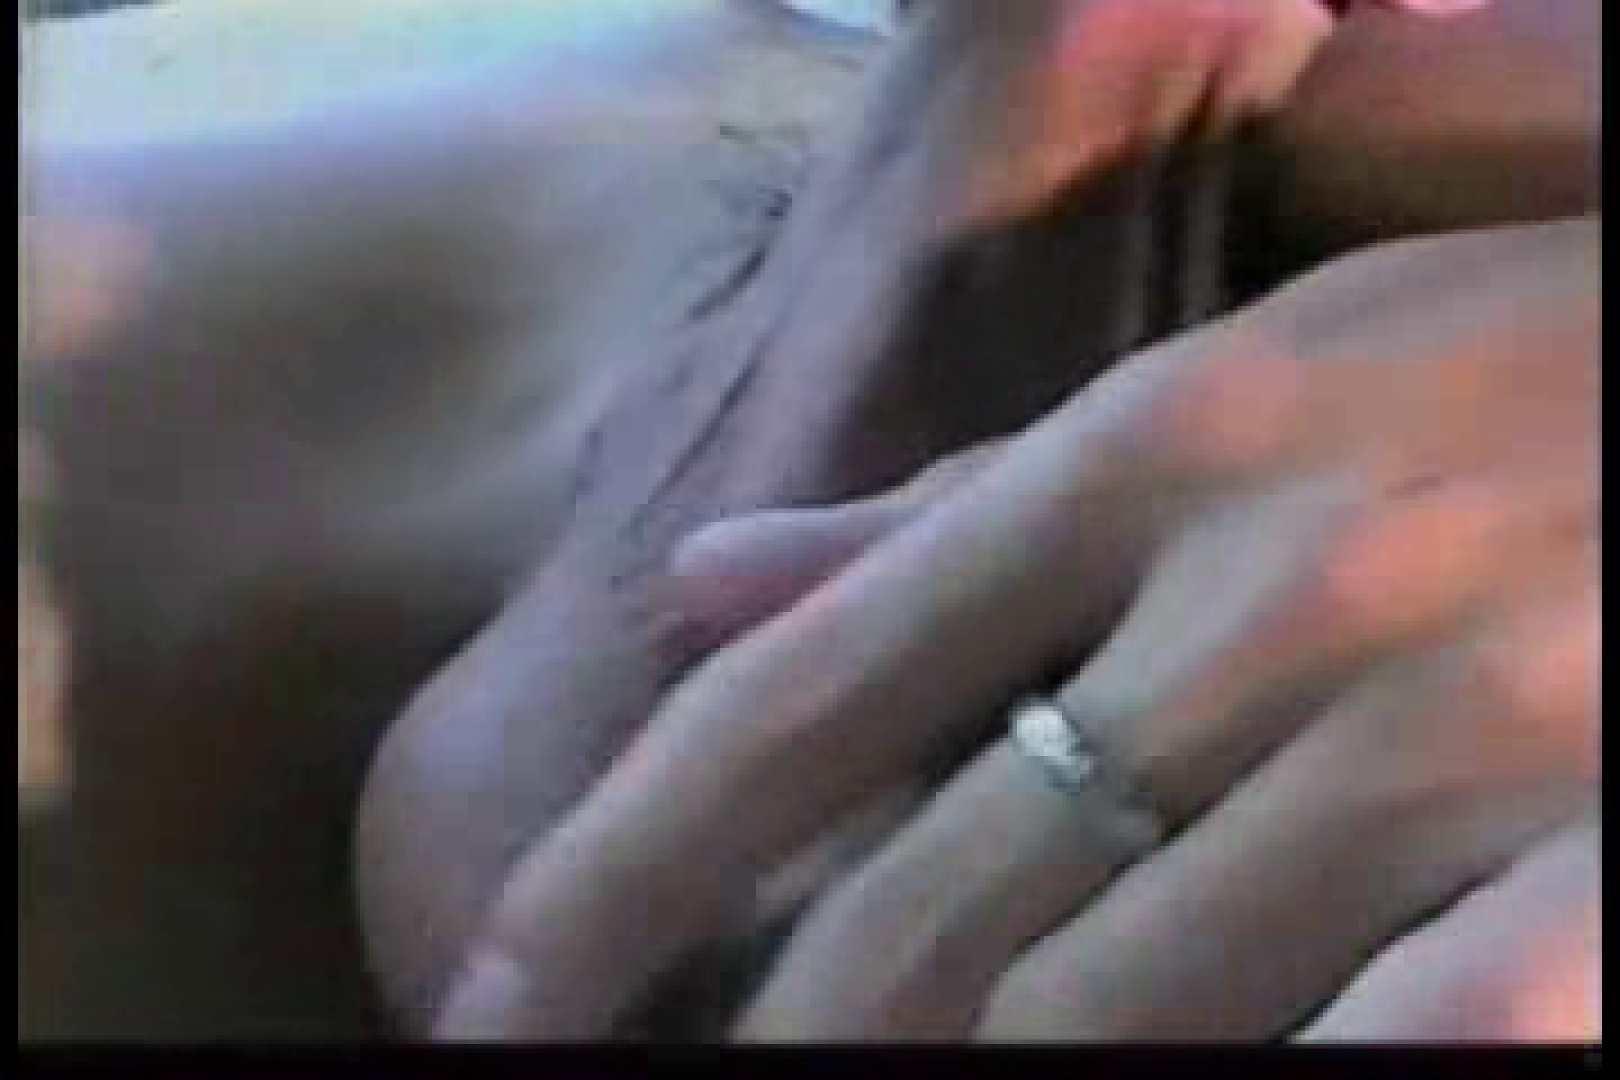 【個人製作】若き男子たちのジャム遊び オナニー | アナル天国 アダルトビデオ画像キャプチャ 10連発 9